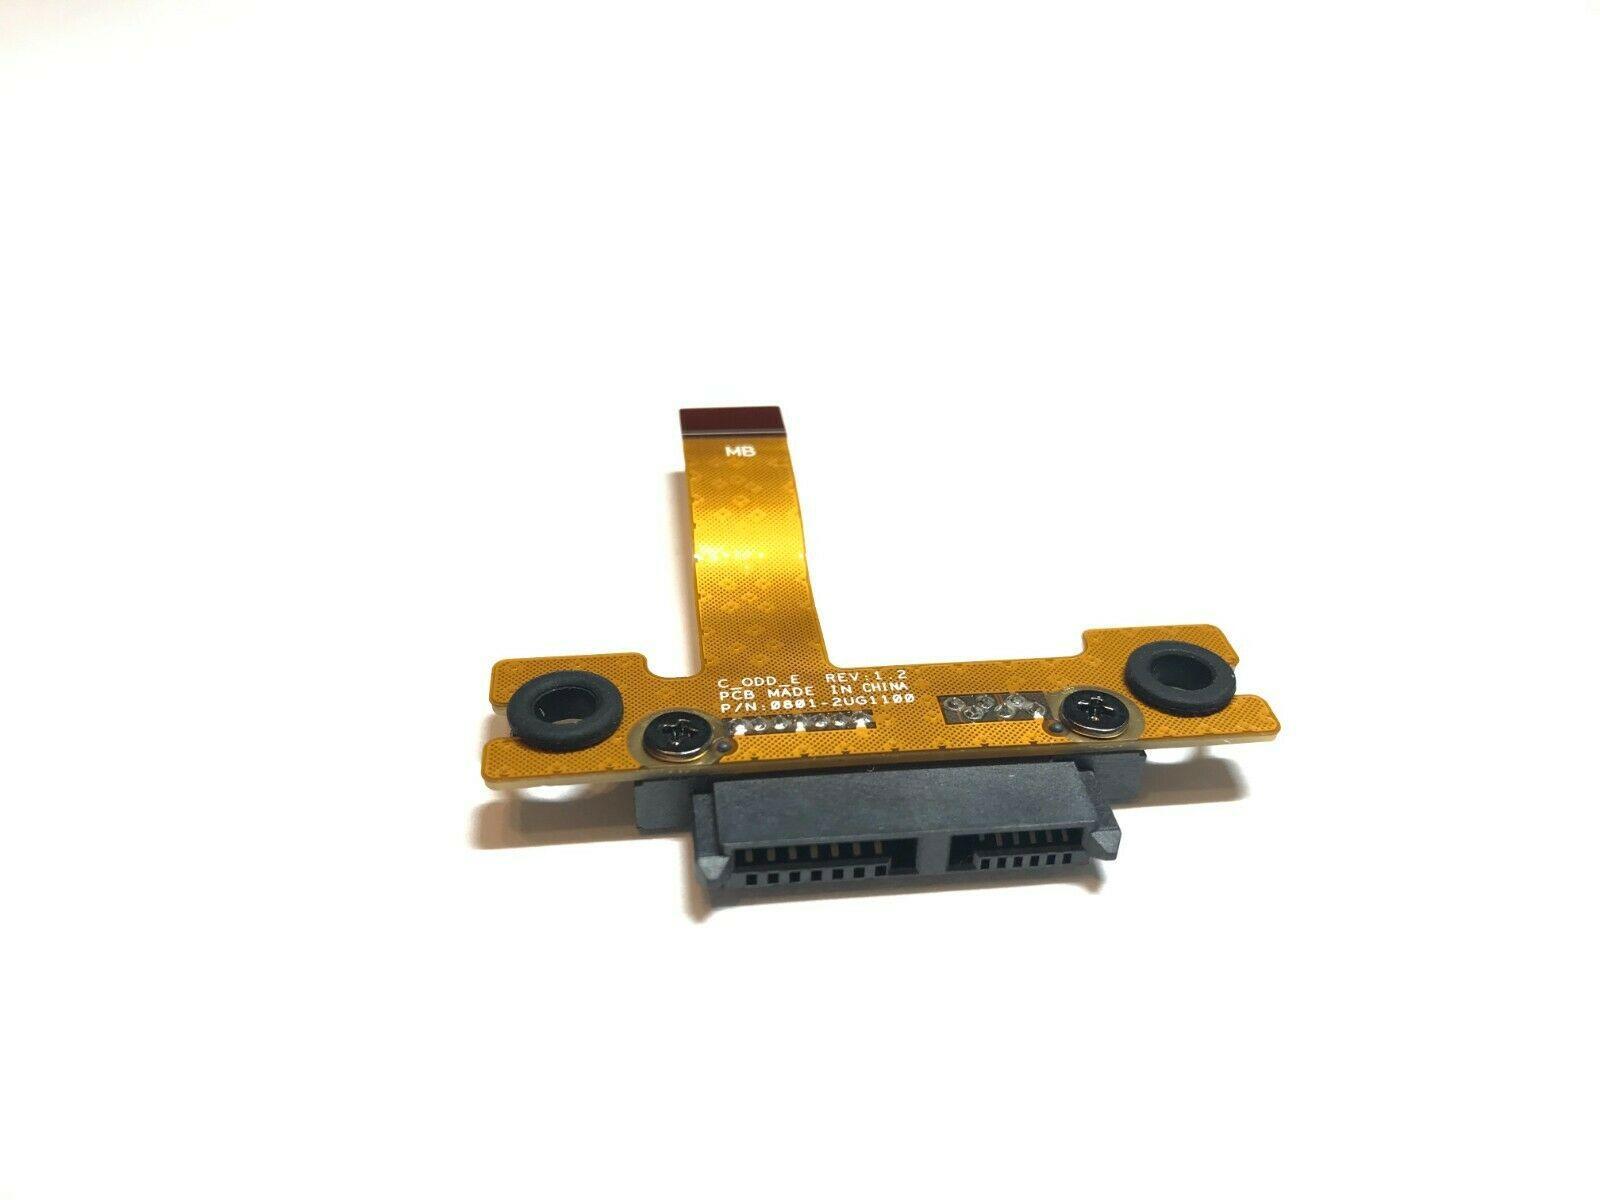 Pour Dell pour la Latitude 14 5404 Interposeur de lecteur optique 0801-2ug1100